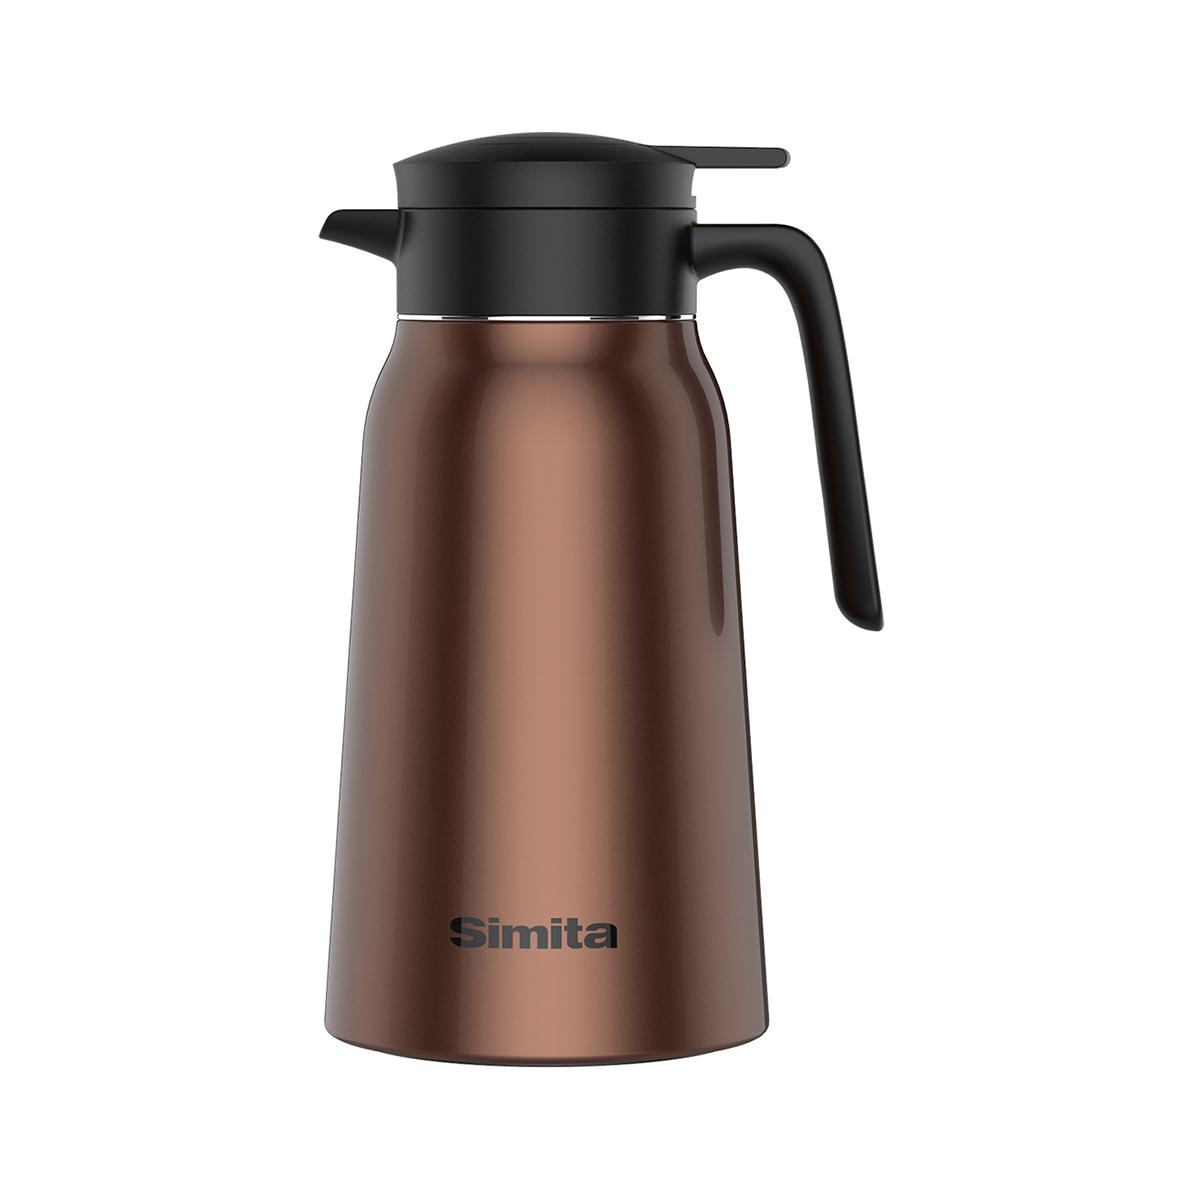 名仕咖啡壶 SC-190-03A